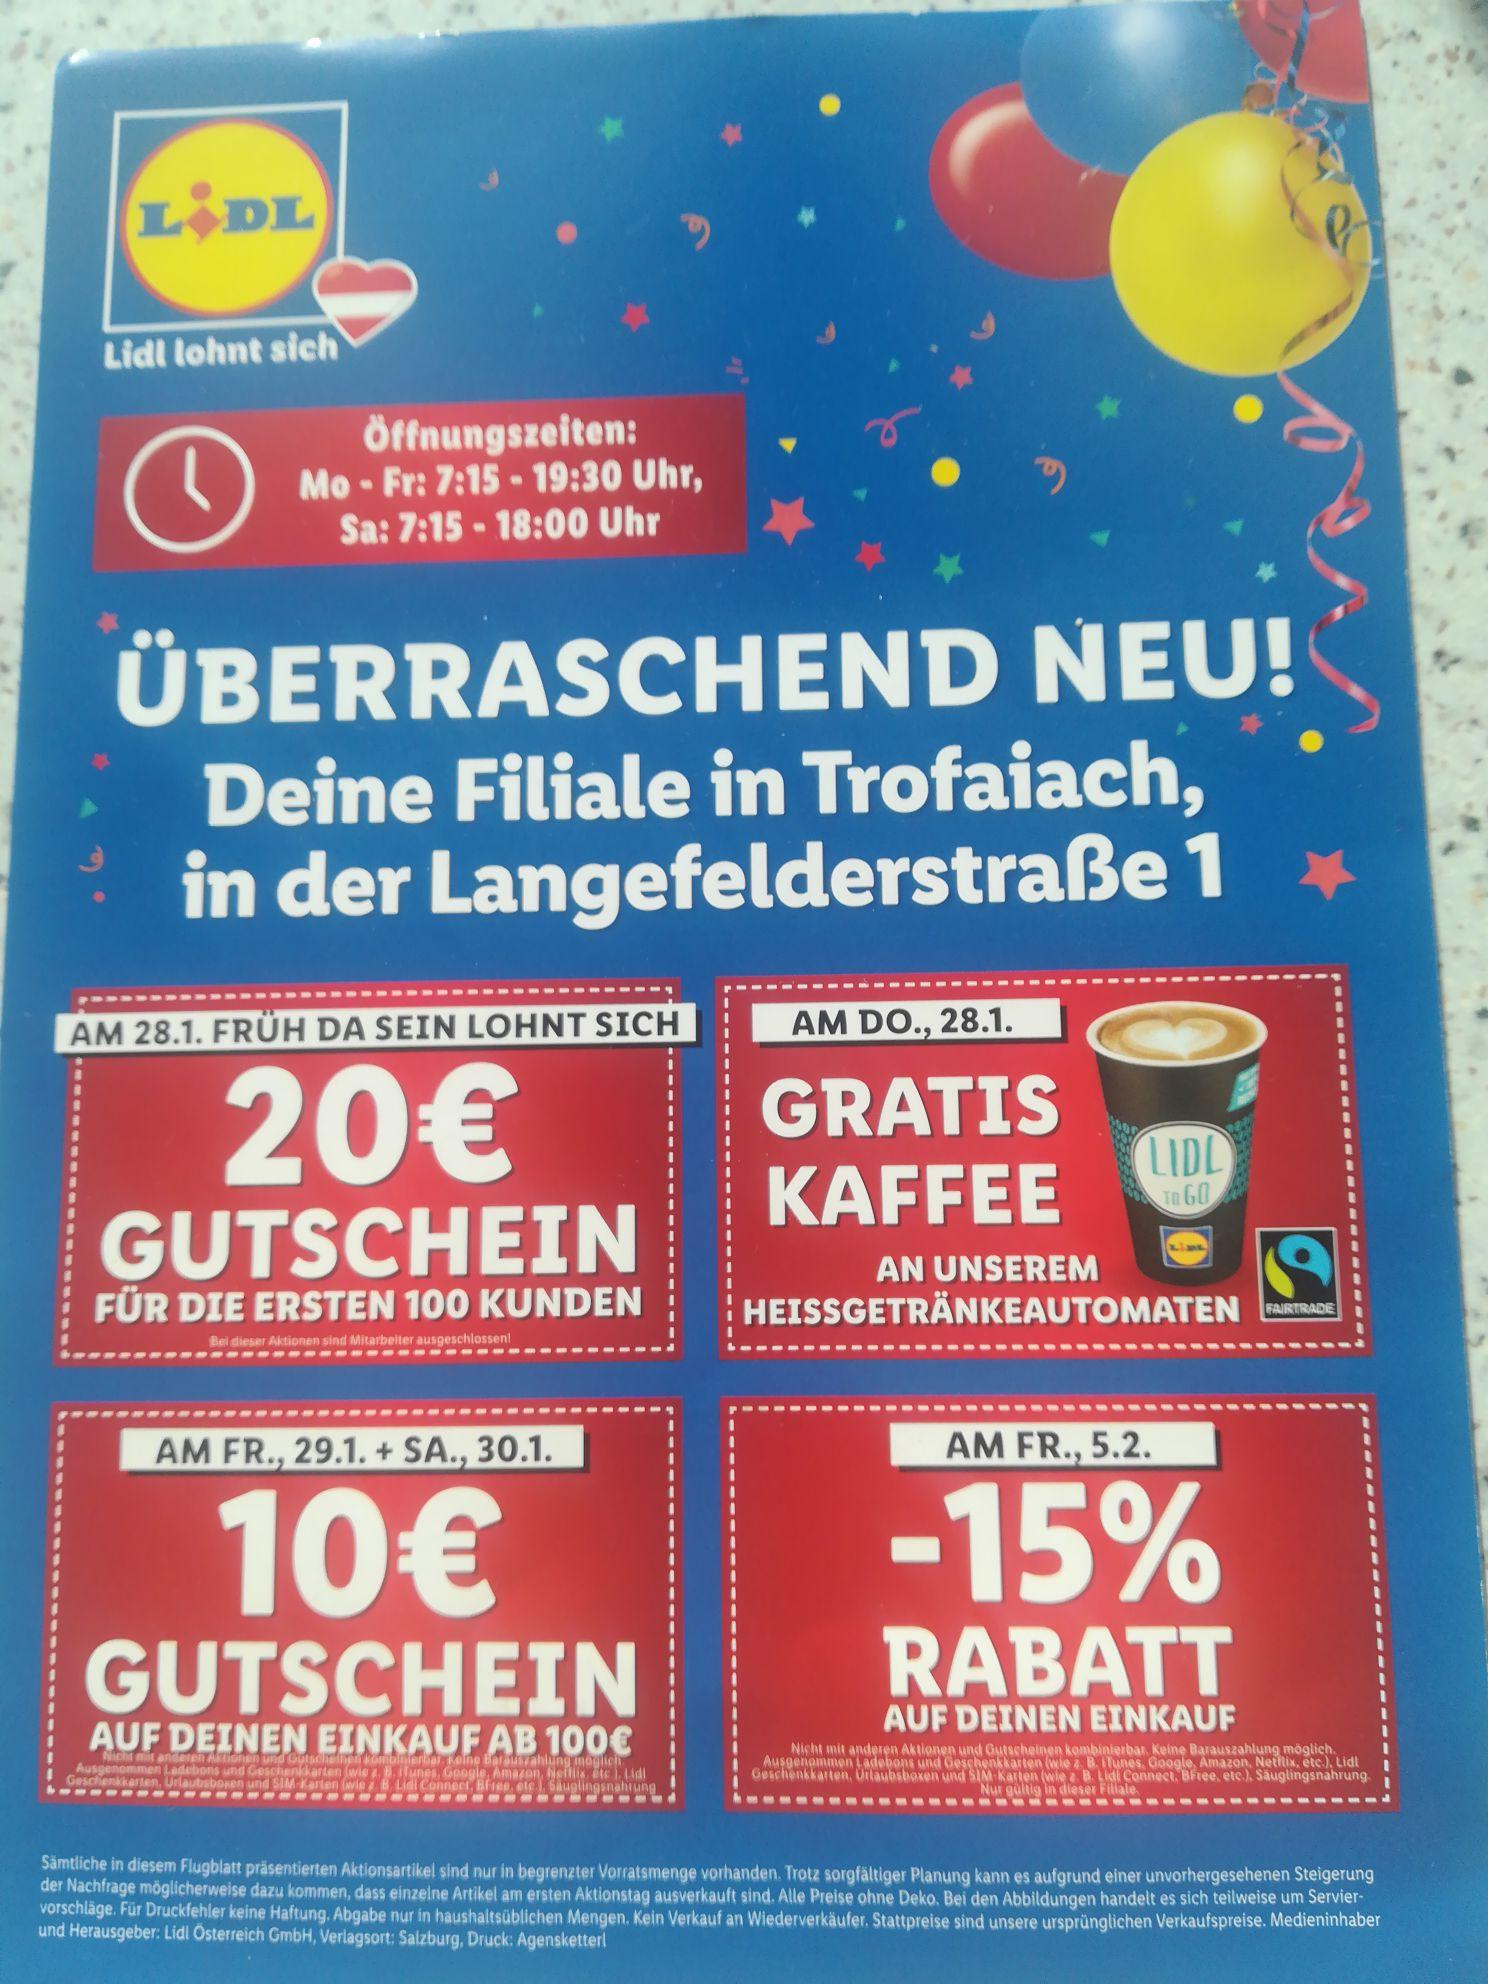 20€ Gutschein + gratis Kaffee